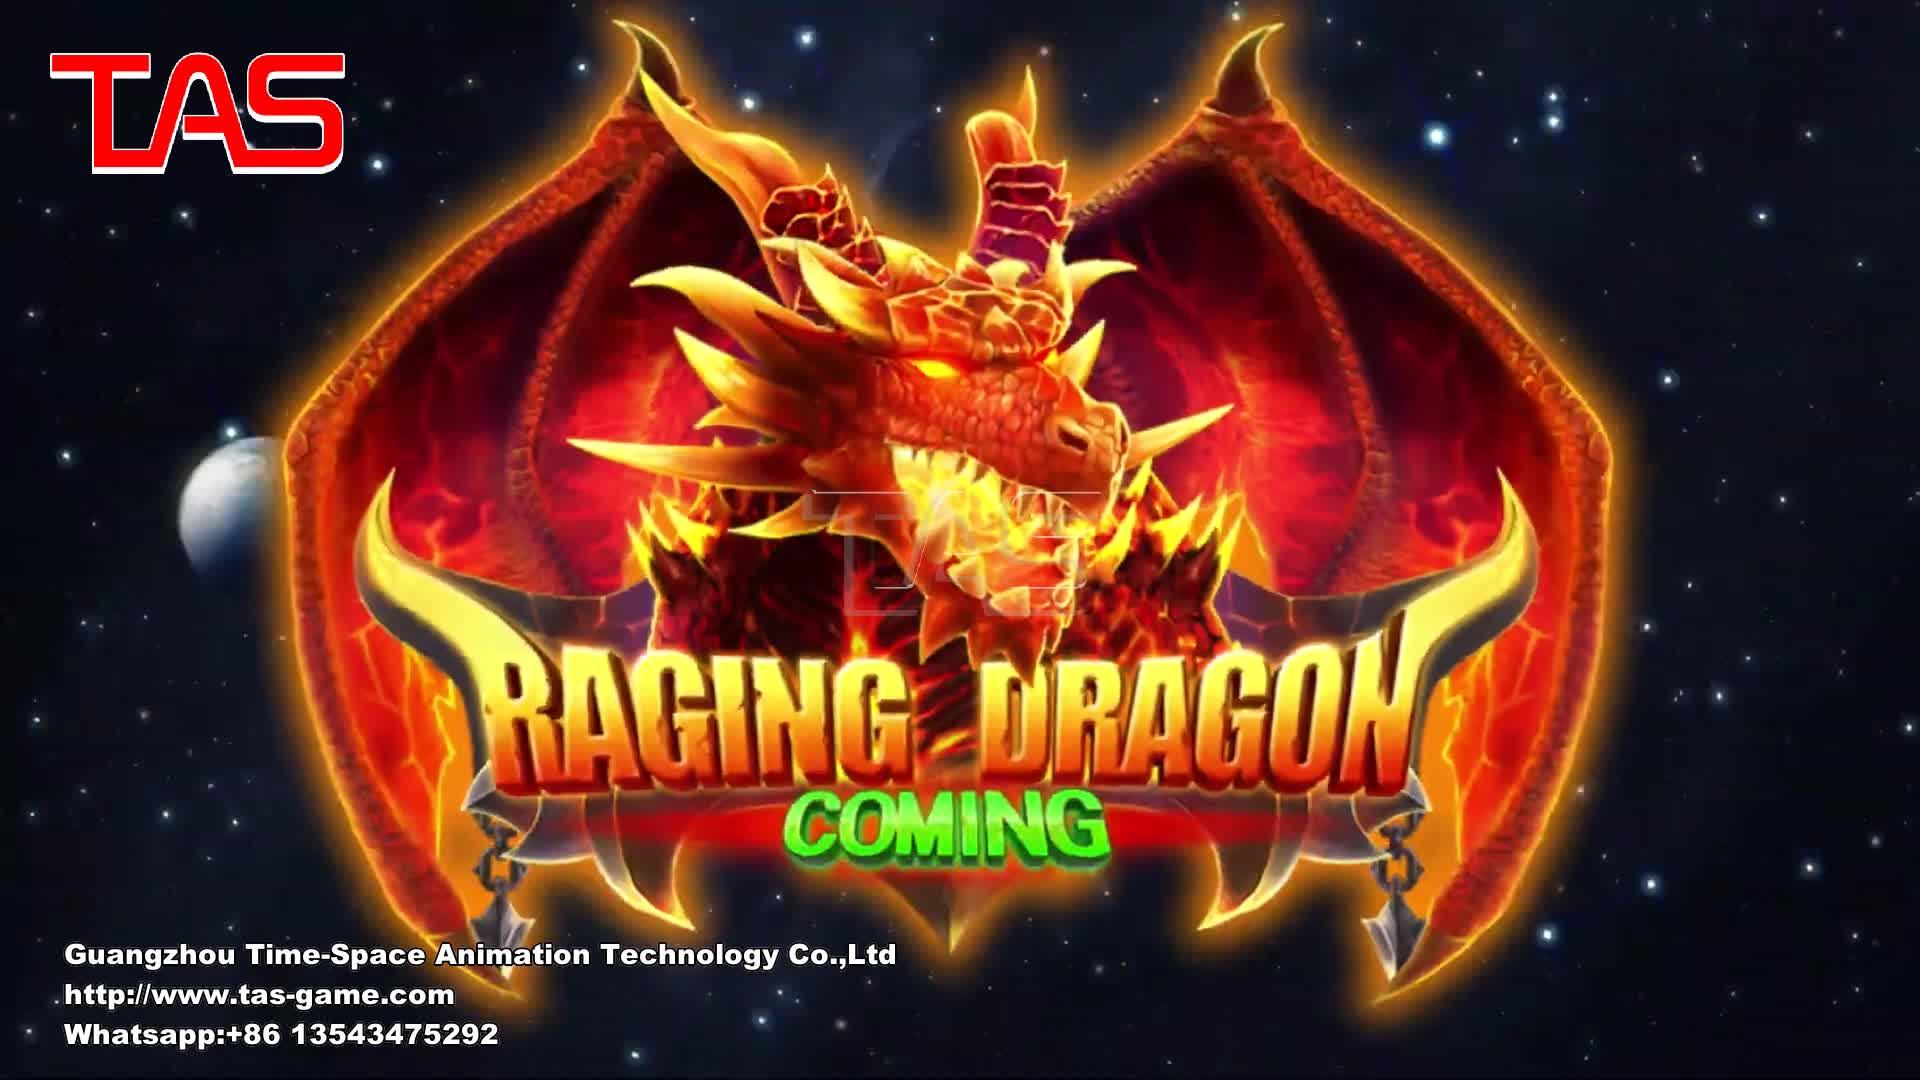 الصين المورد تخصيص 10 لاعبين المحيط الملك 3 زائد مستعر ألعاب الصيد النار ممر